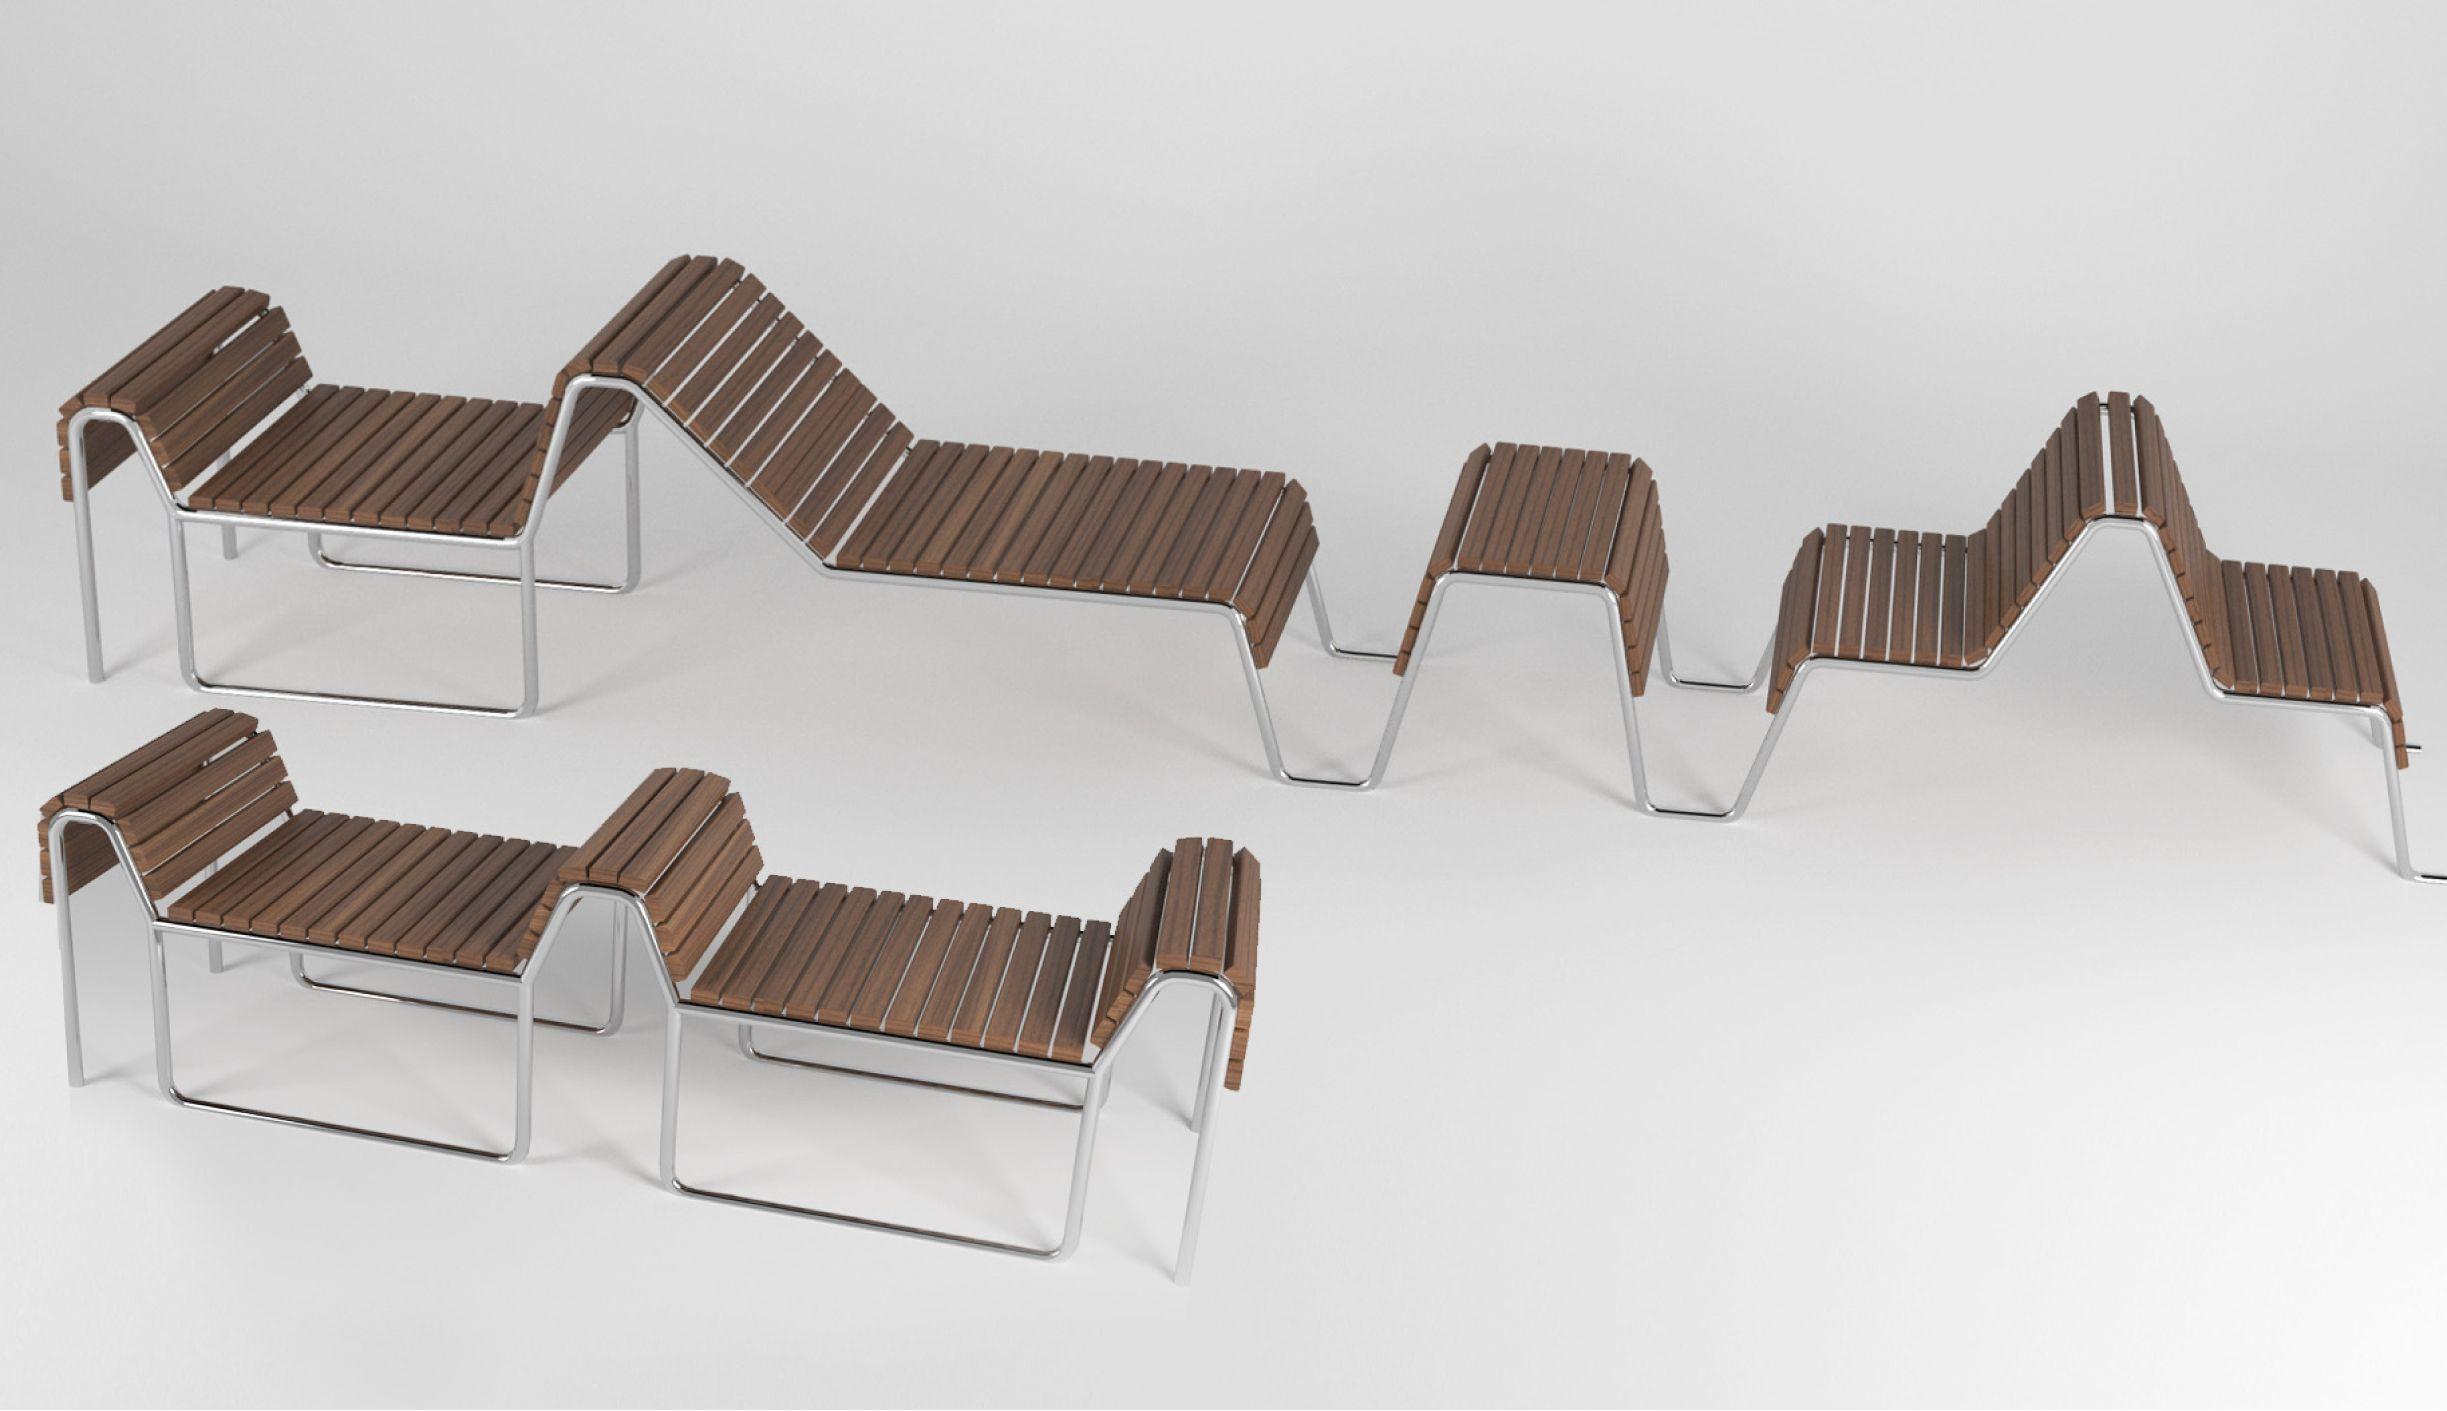 2010 estrax mobiliario urbano modular aem 2013